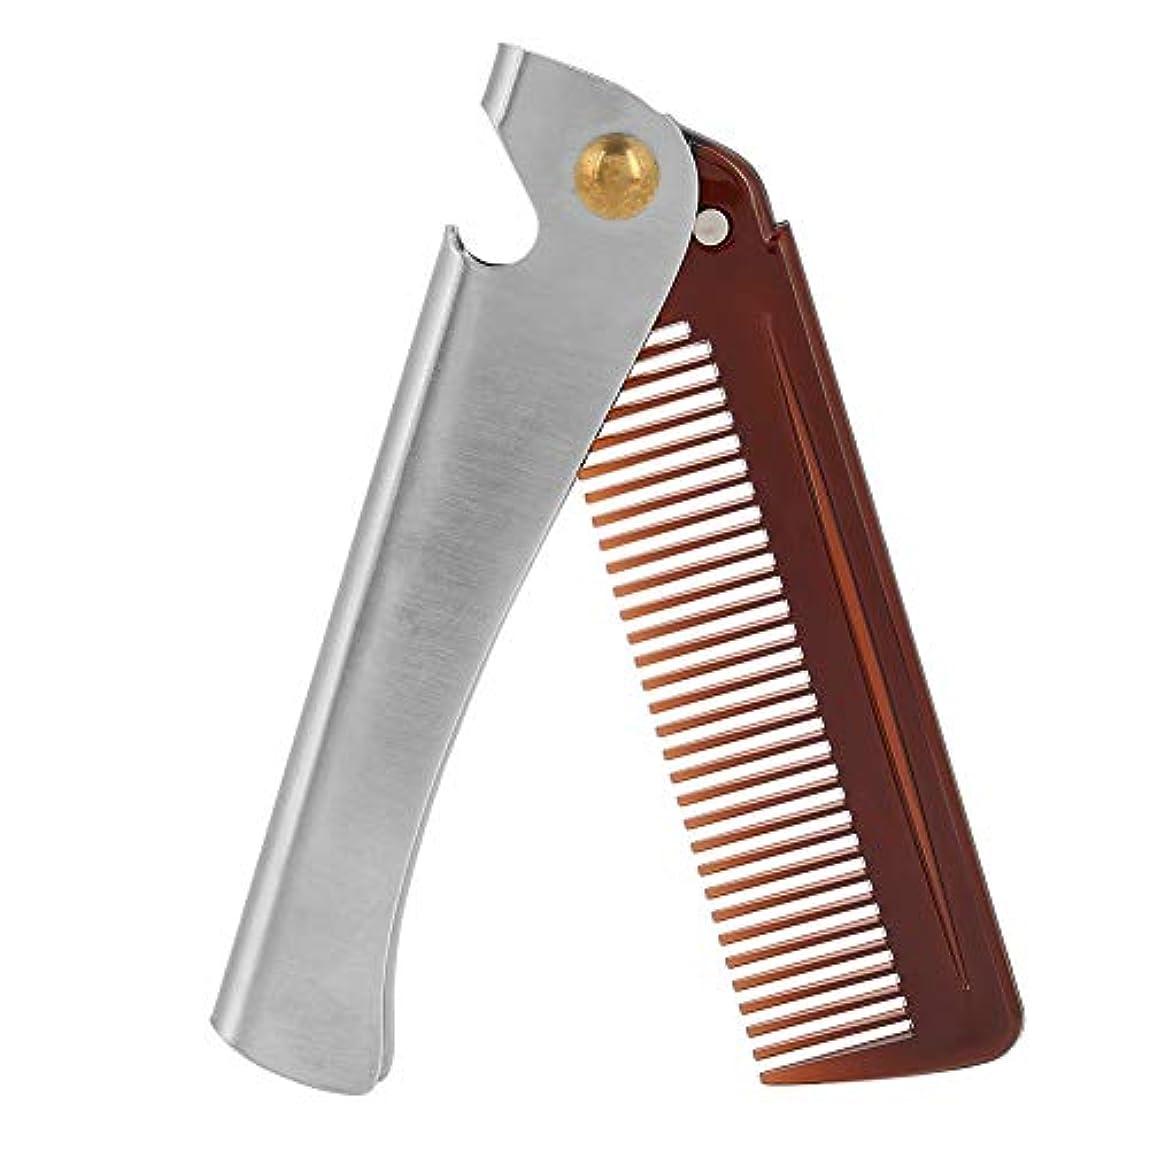 満足させる答えエンティティステンレス製のひげの櫛の携帯用ステンレス製のひげの櫛の携帯用折りたたみ口ひげ用具の栓抜き